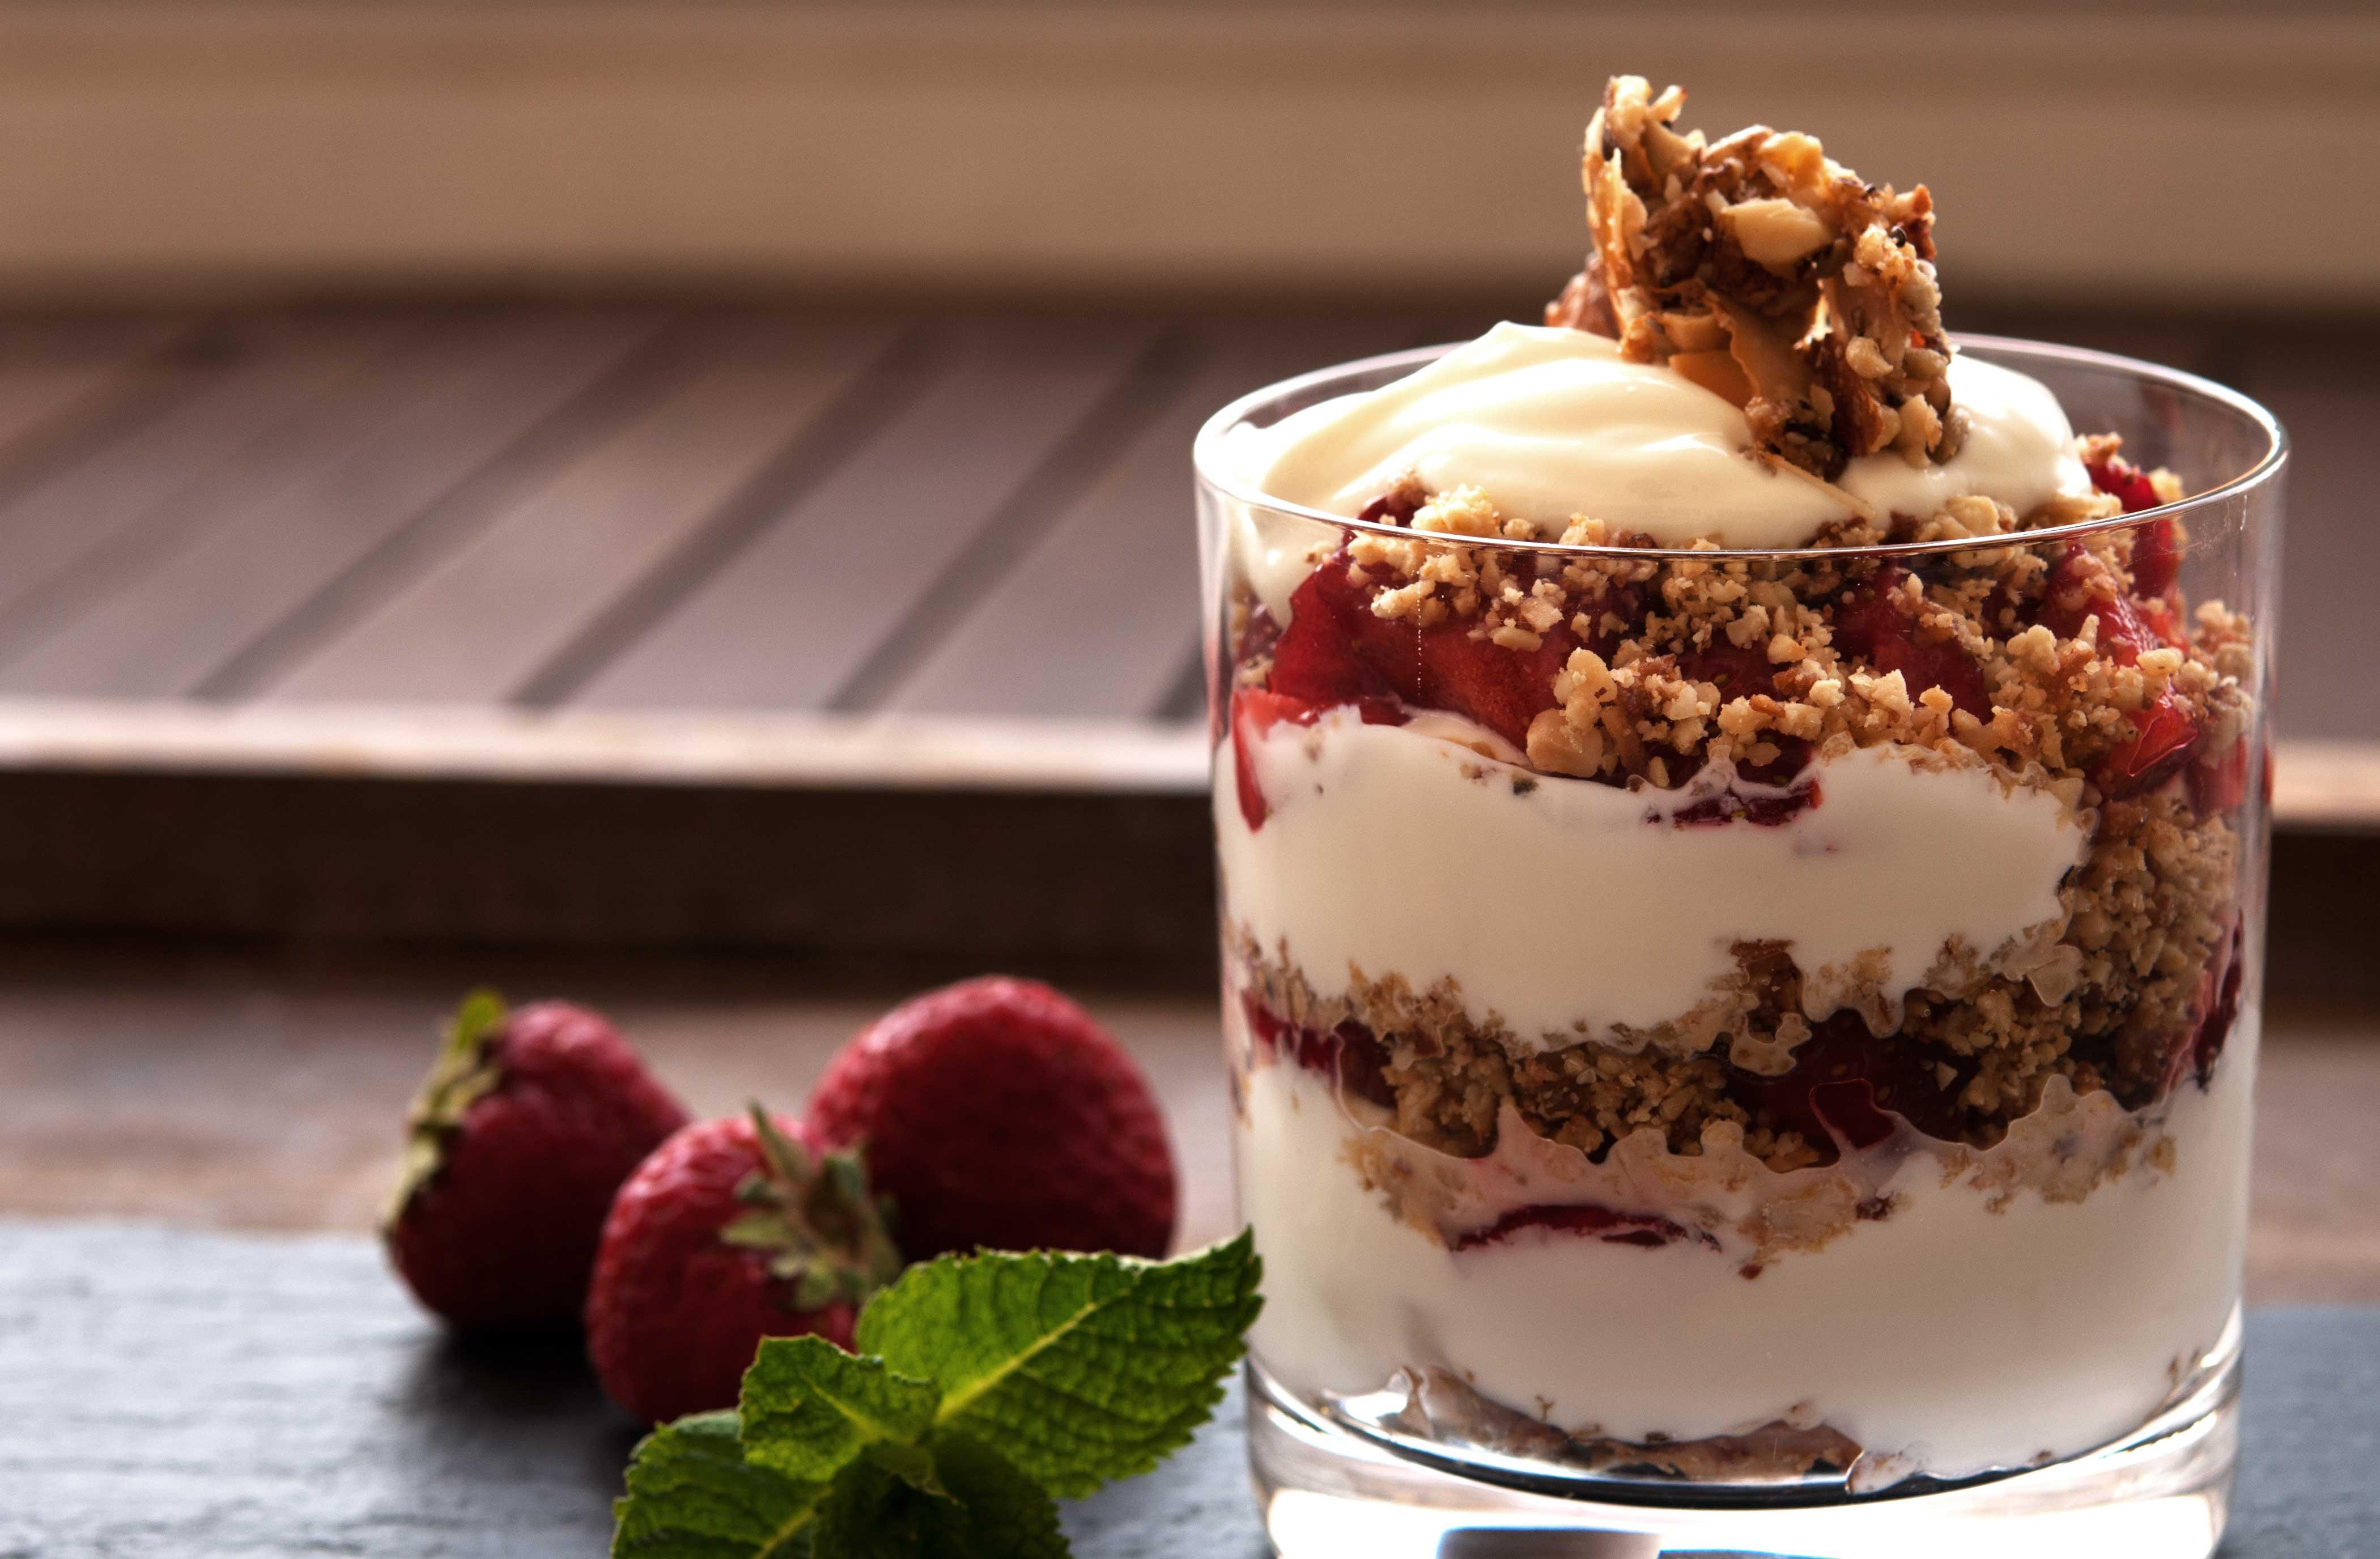 Erdbeer-Kokos-Joghurt-mit-Crumble_web-I